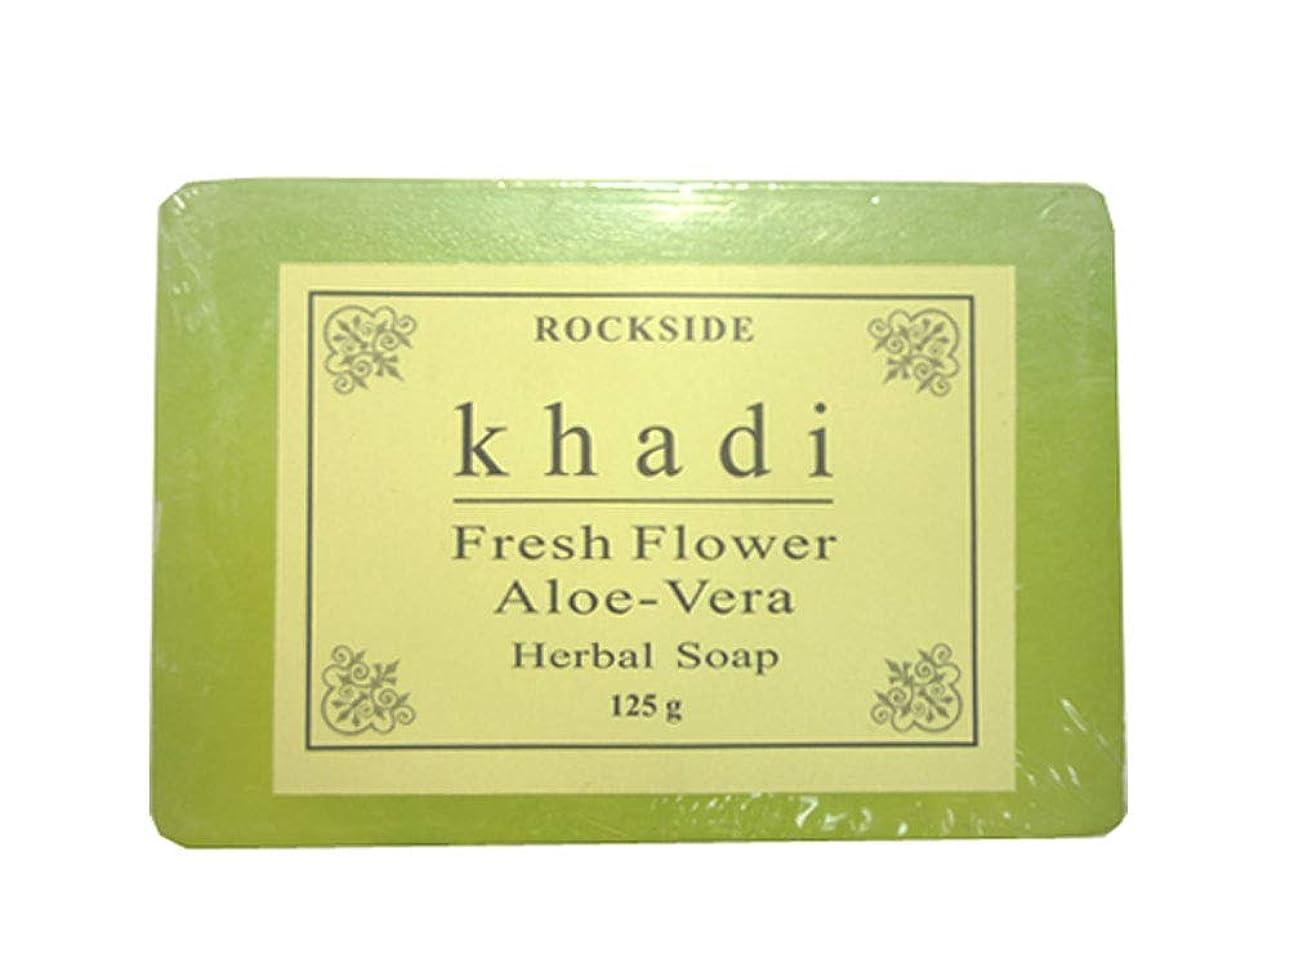 登場七時半メイン手作り  カーディ フレッシュフラワー2 ハーバルソープ Khadi Fresh Flower Aloe-Vera Herbal Soap